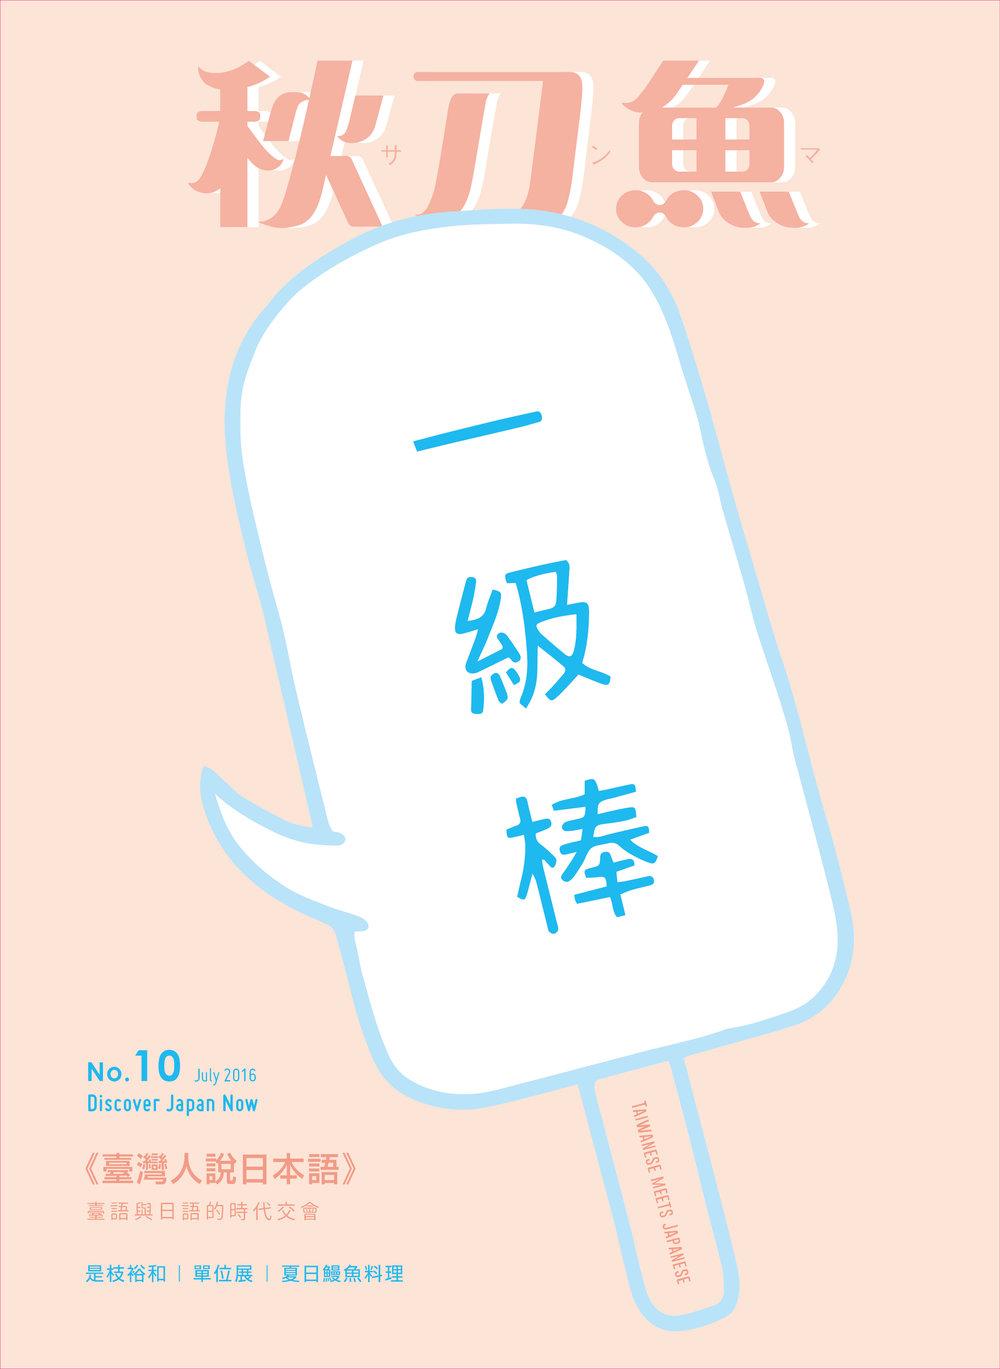 2016年7月號第10期〈臺灣人說日本語〉在庫﹥20